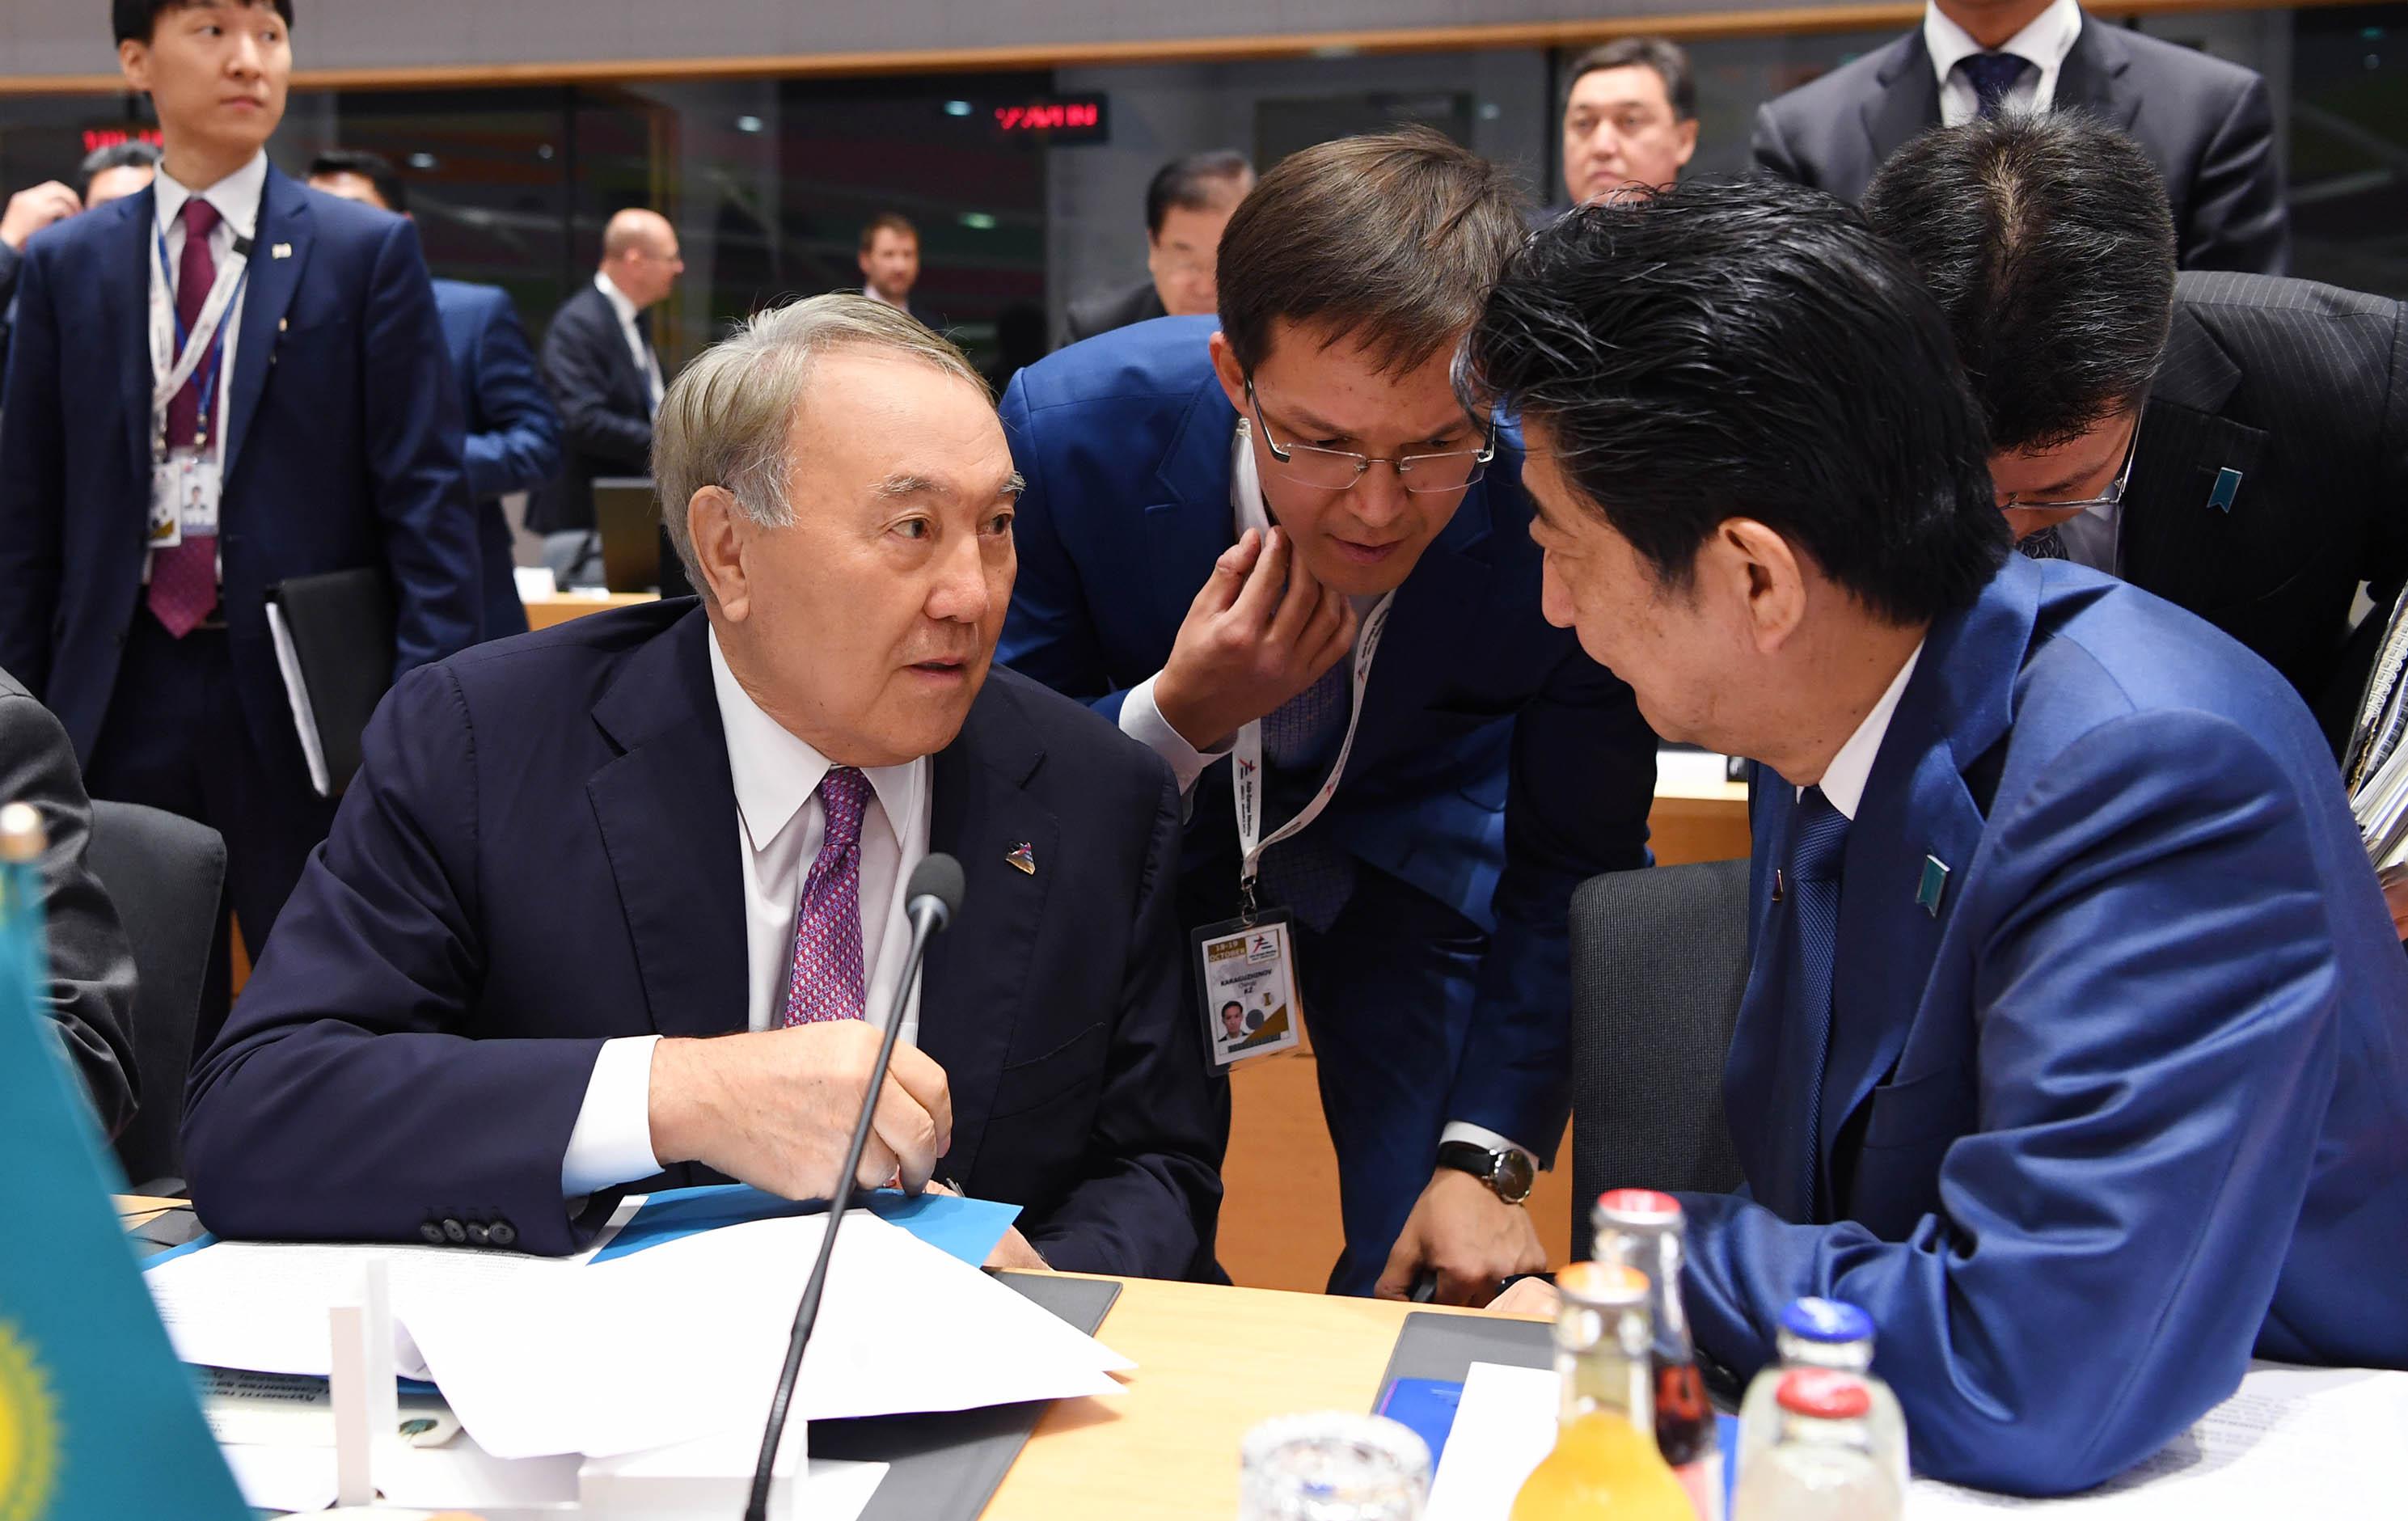 Нурсултан Назарбаев встретился с президентом Республики Корея и премьер-министром Японии